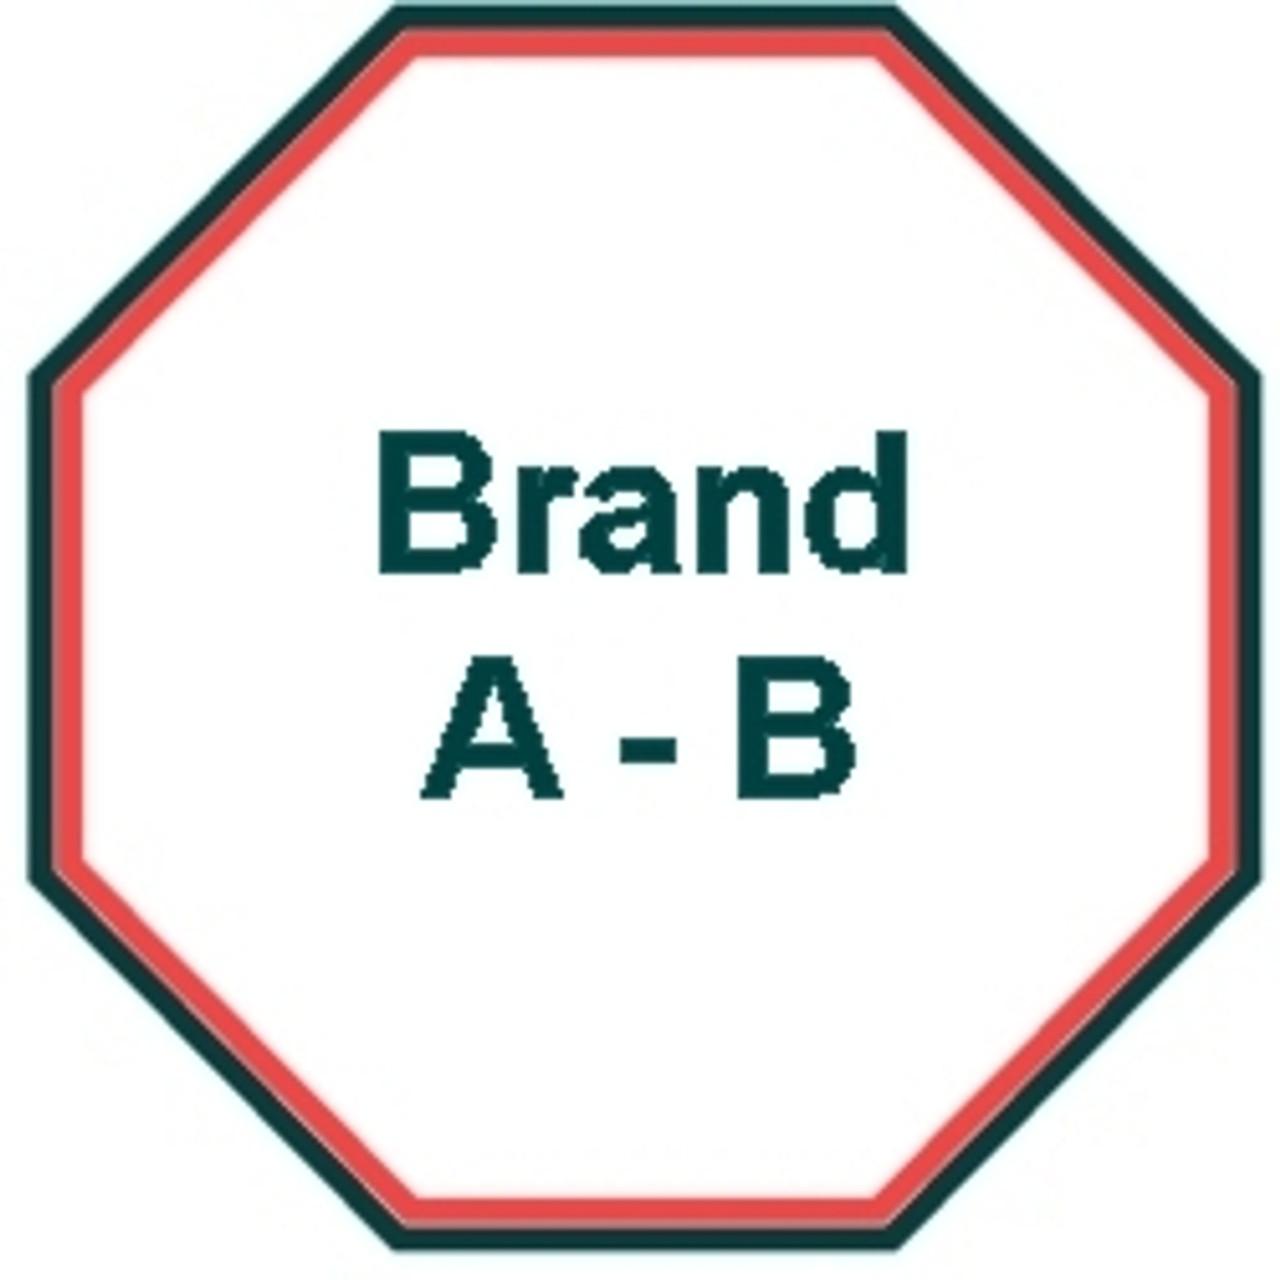 Brand (A-B) Yarn